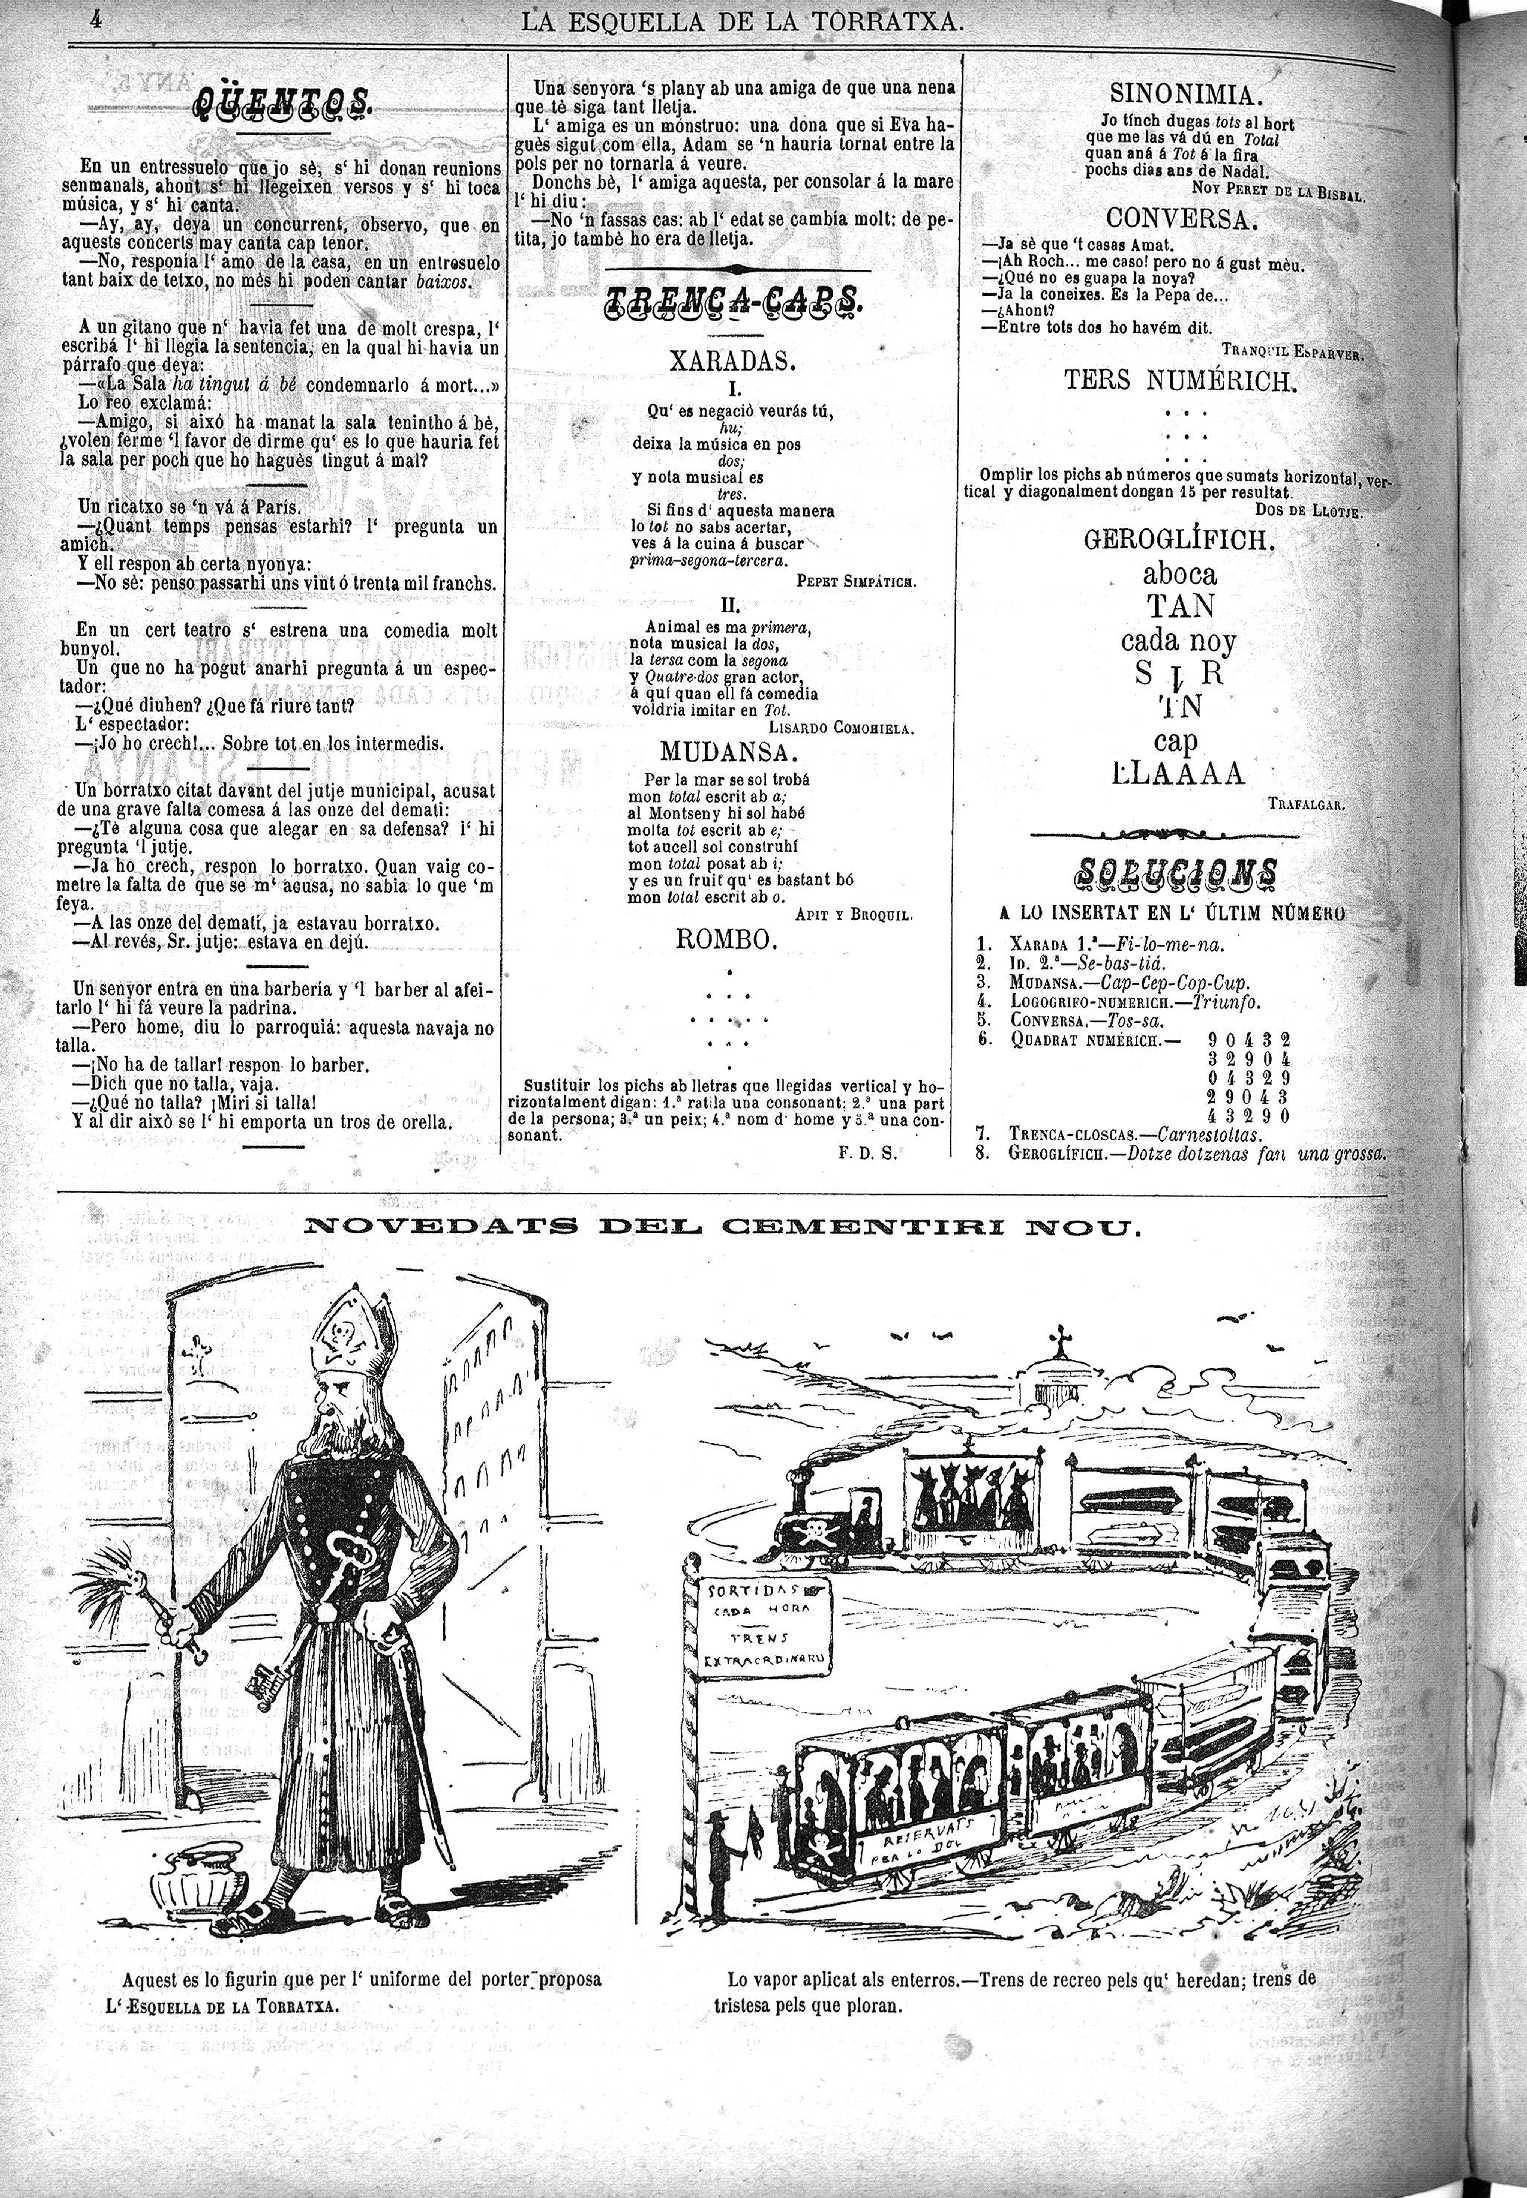 Esquella de la Torratxa, L'. Núm. 215, 3 març 1883, pàgina 4. Proposta d'uniforme pel porter que fa la revista.